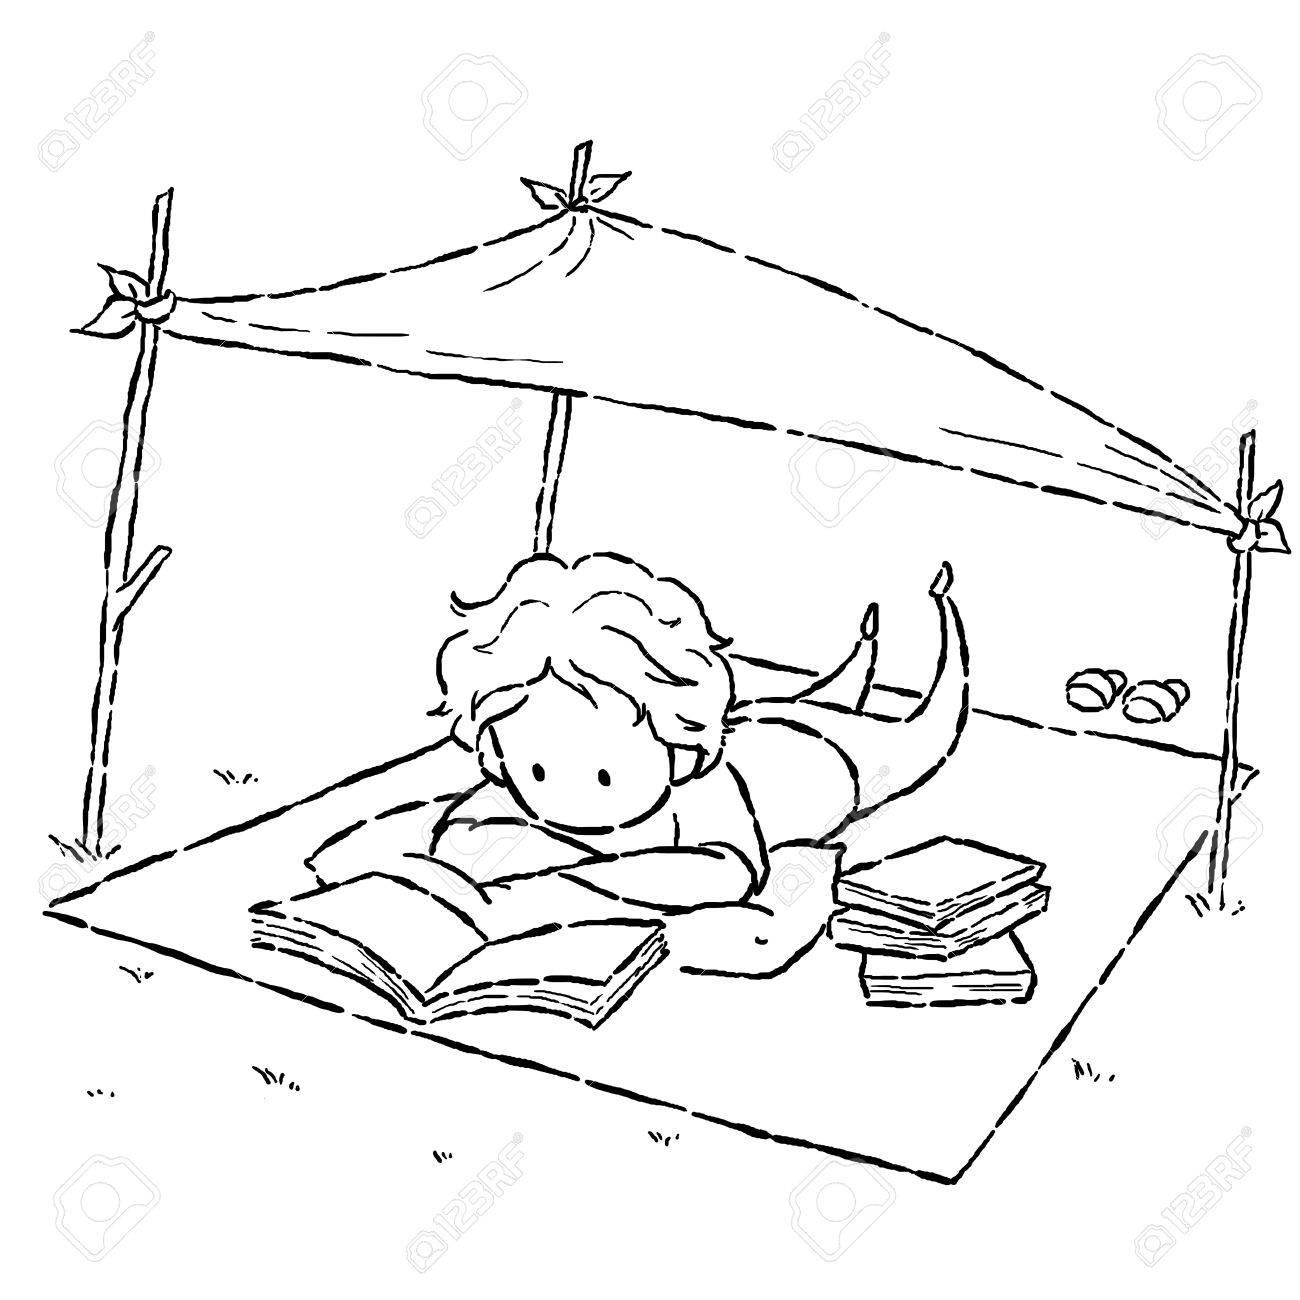 Dessin D Un Livre style de bande dessinée dessin d'image de gosse lecture du livre